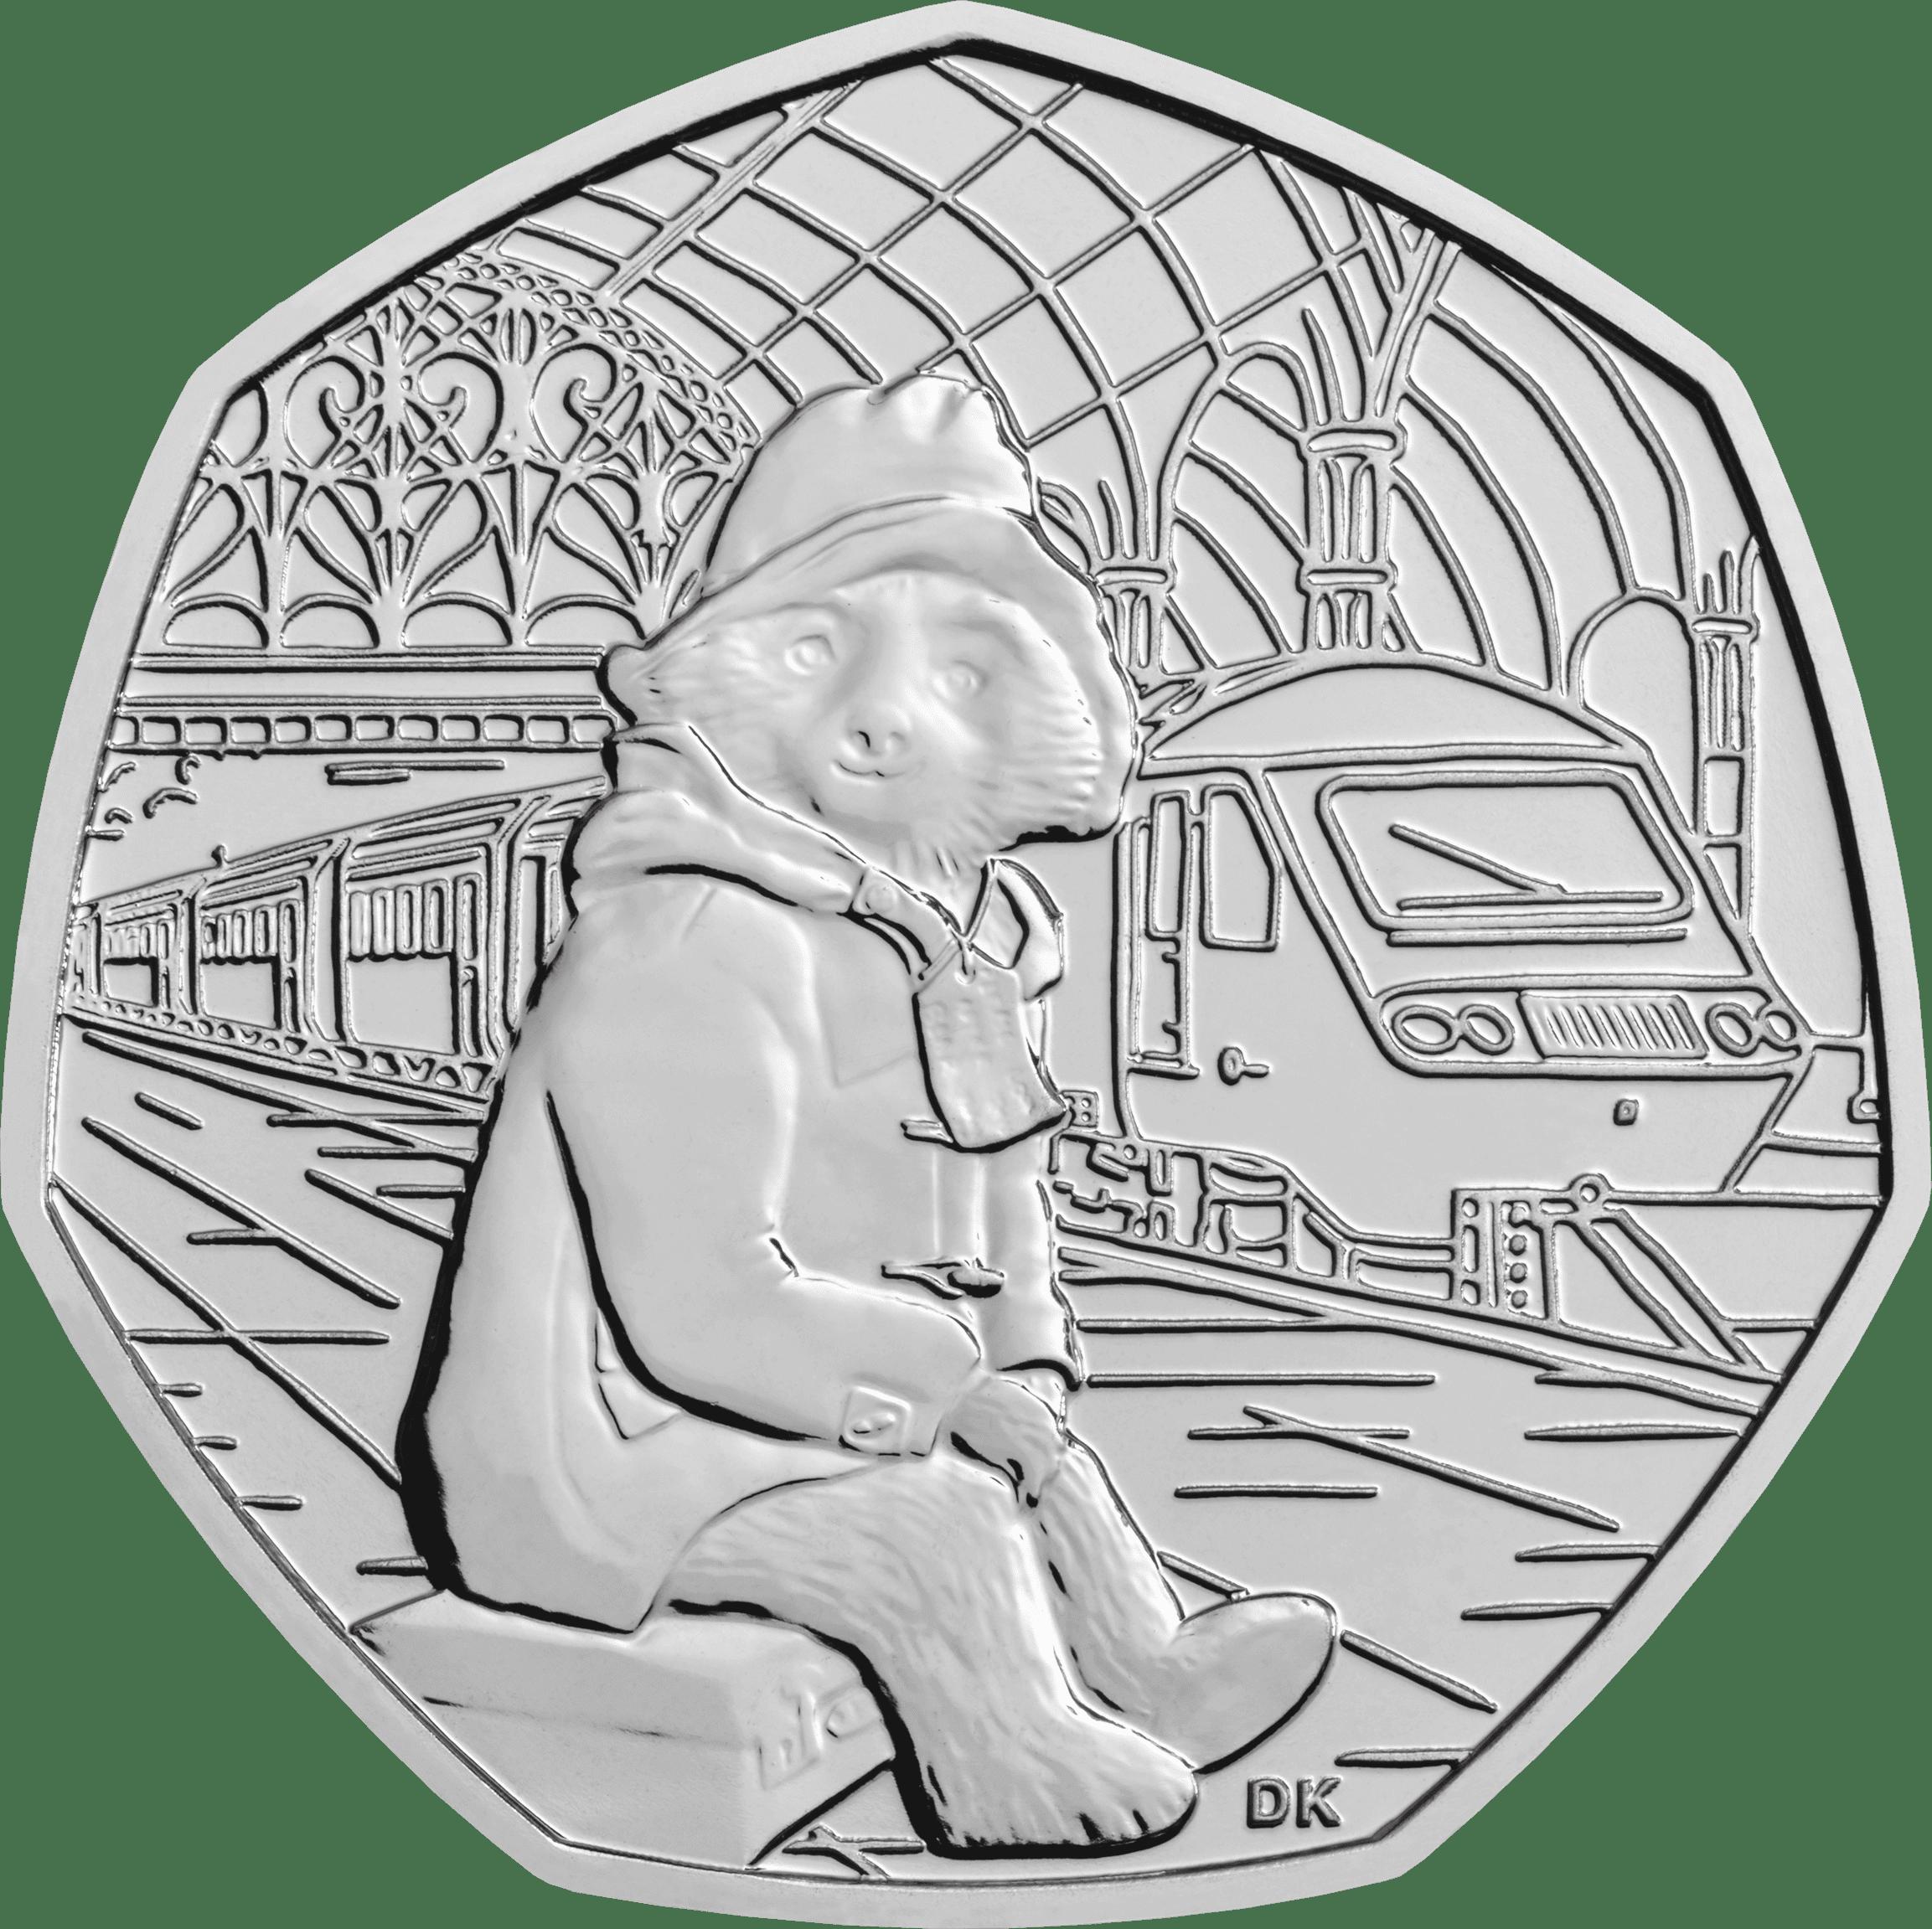 2018 50p coins paddington bear